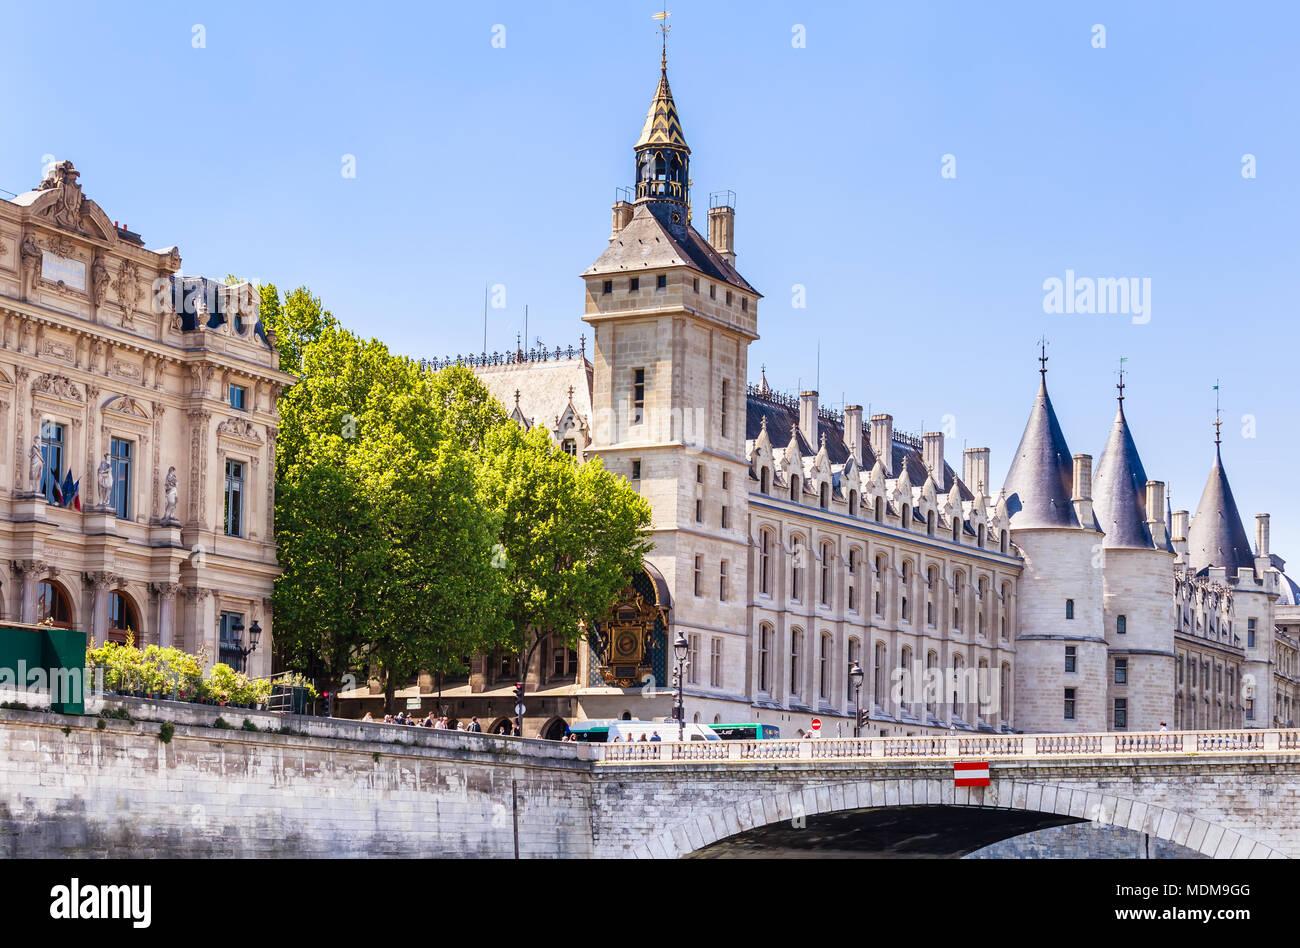 Hotel de Ville (City Hall) and Castle Conciergerie. Pont au Change. Paris, France. - Stock Image